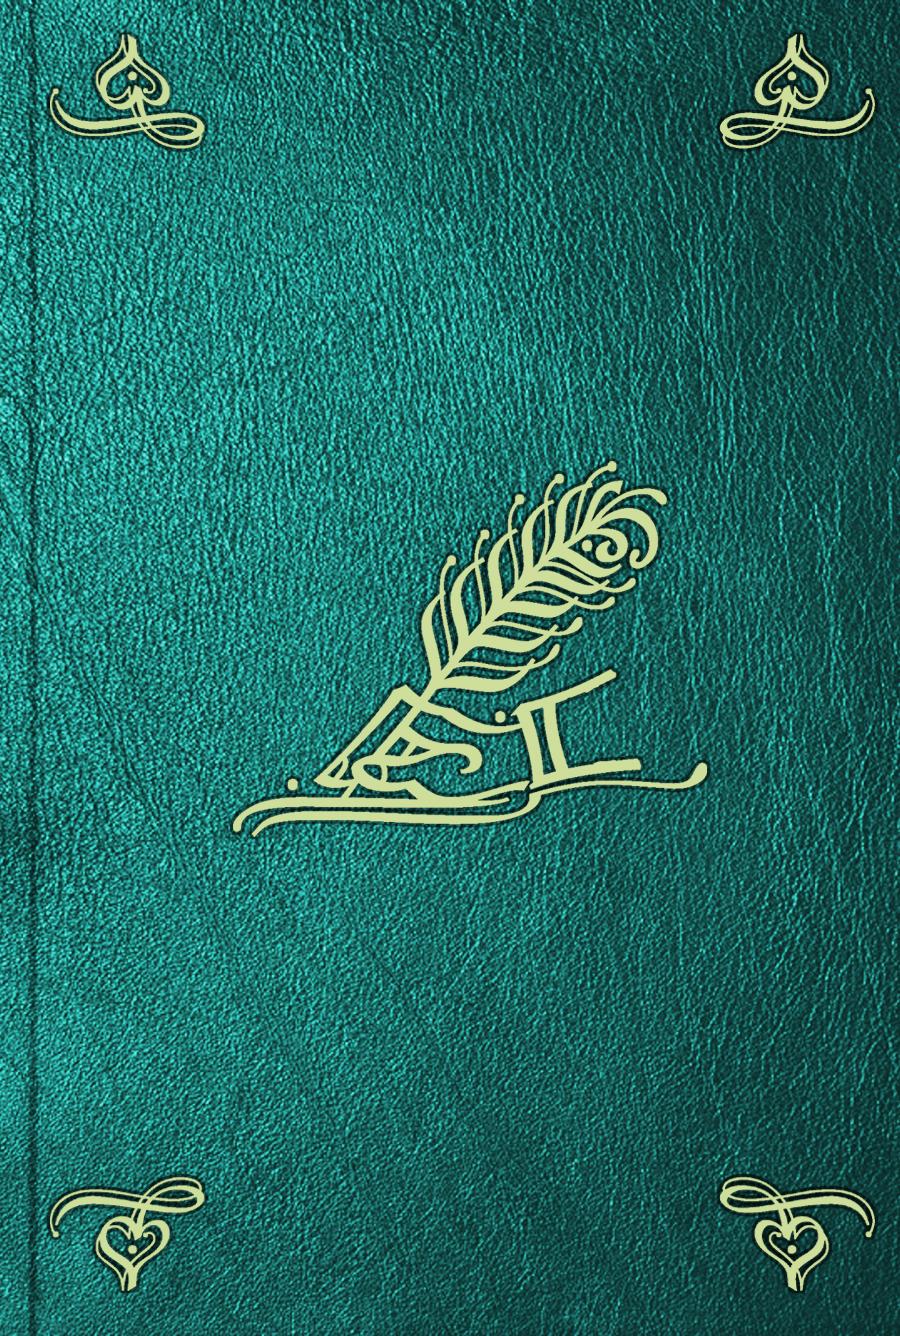 Pierre Loius Ginguené Histoire littéraire d'Italie. T. 5 pierre loius ginguené histoire littéraire d italie t 2